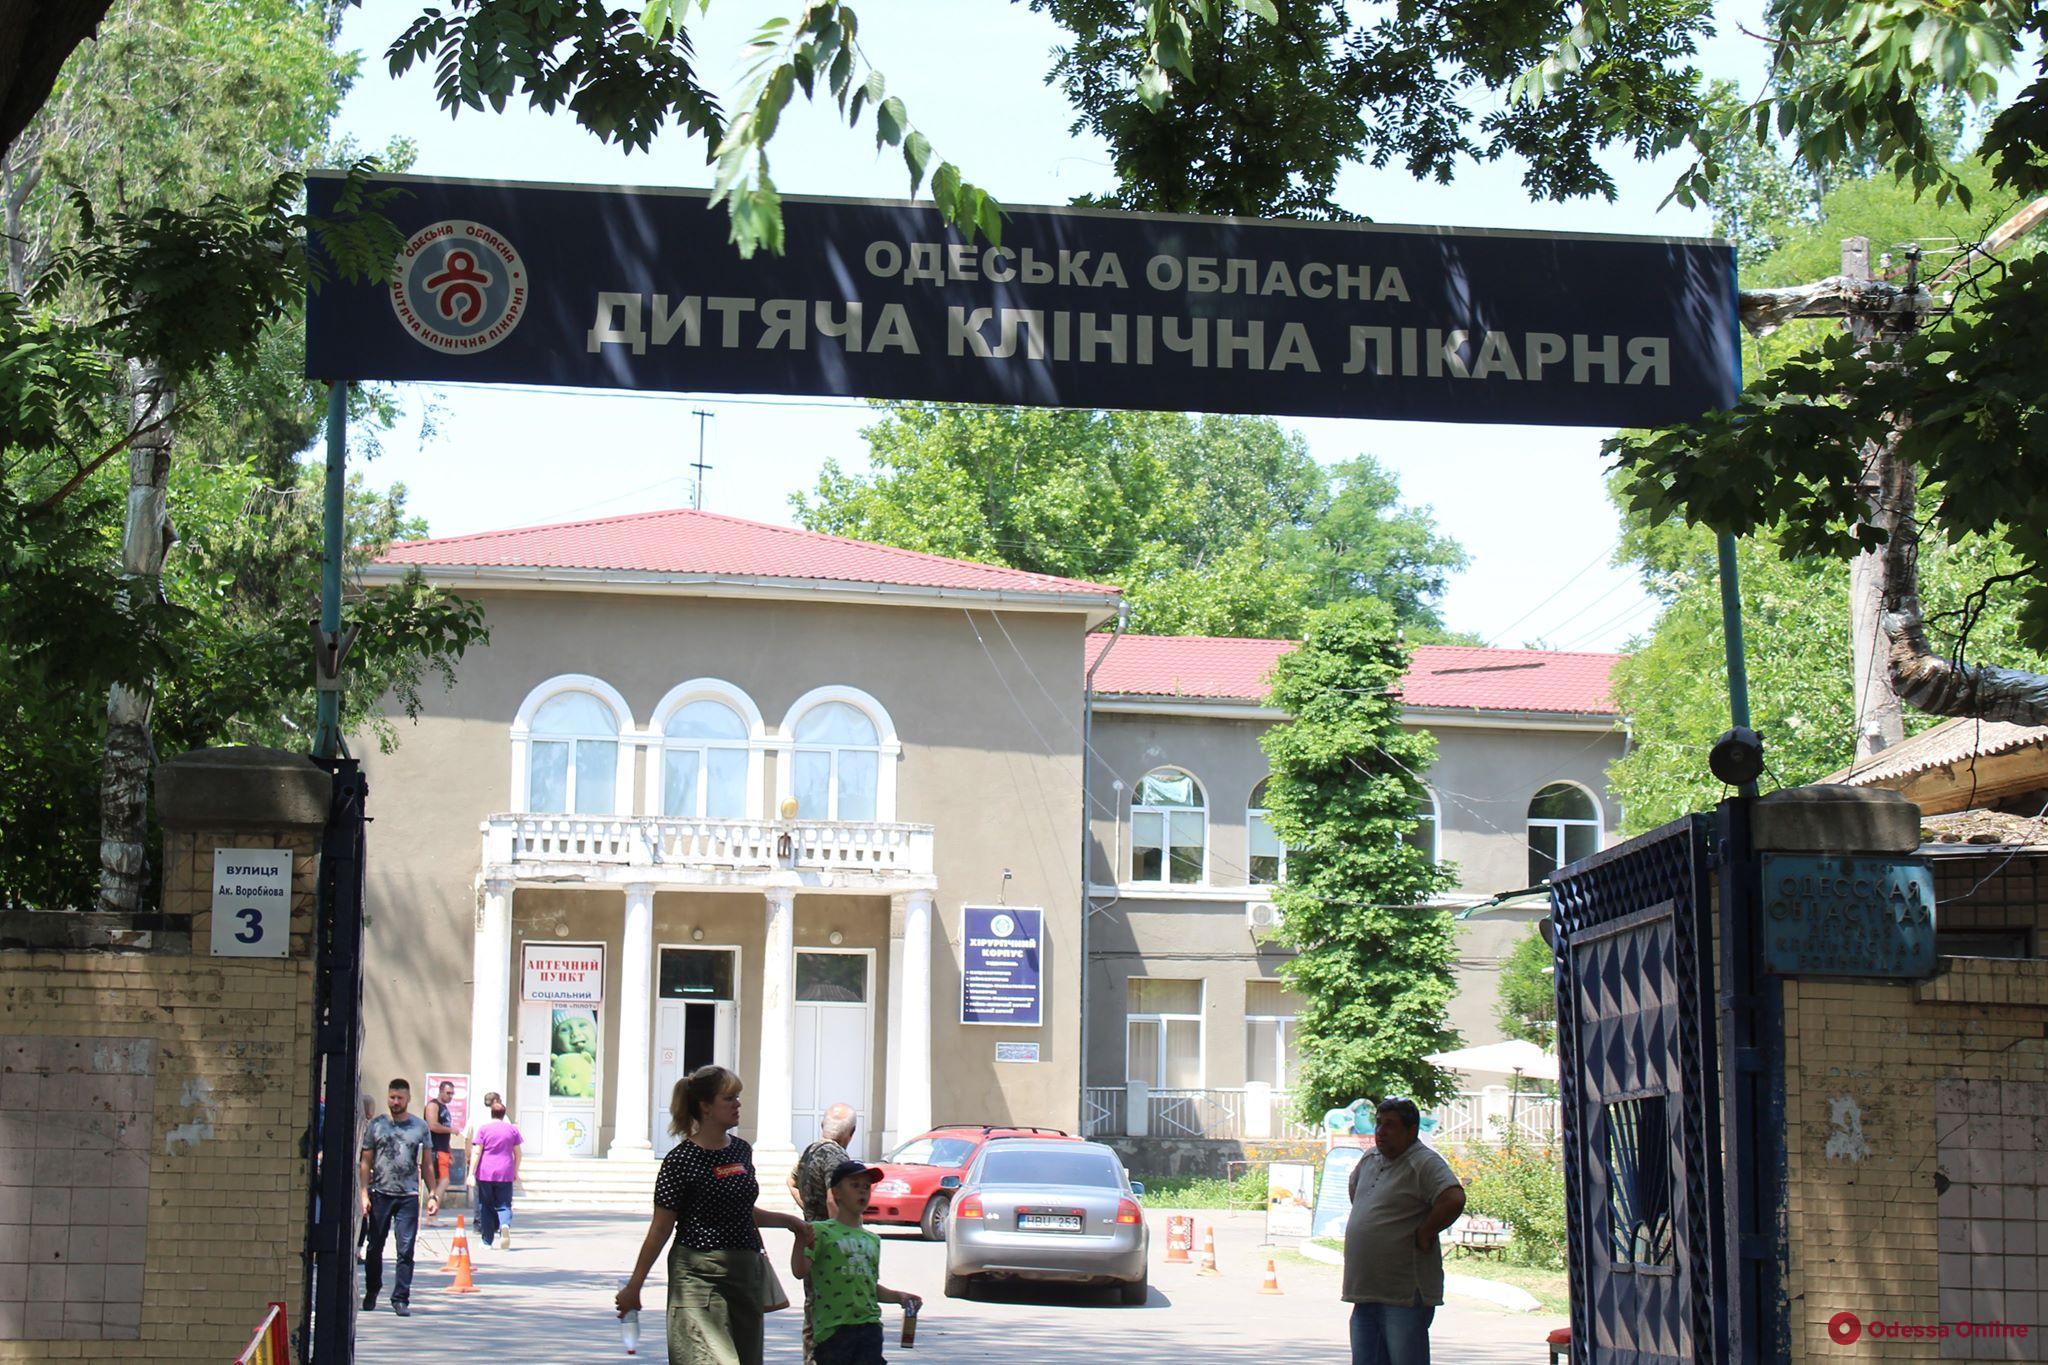 Одесса: волонтеры закупили новое оборудование для областной детской больницы